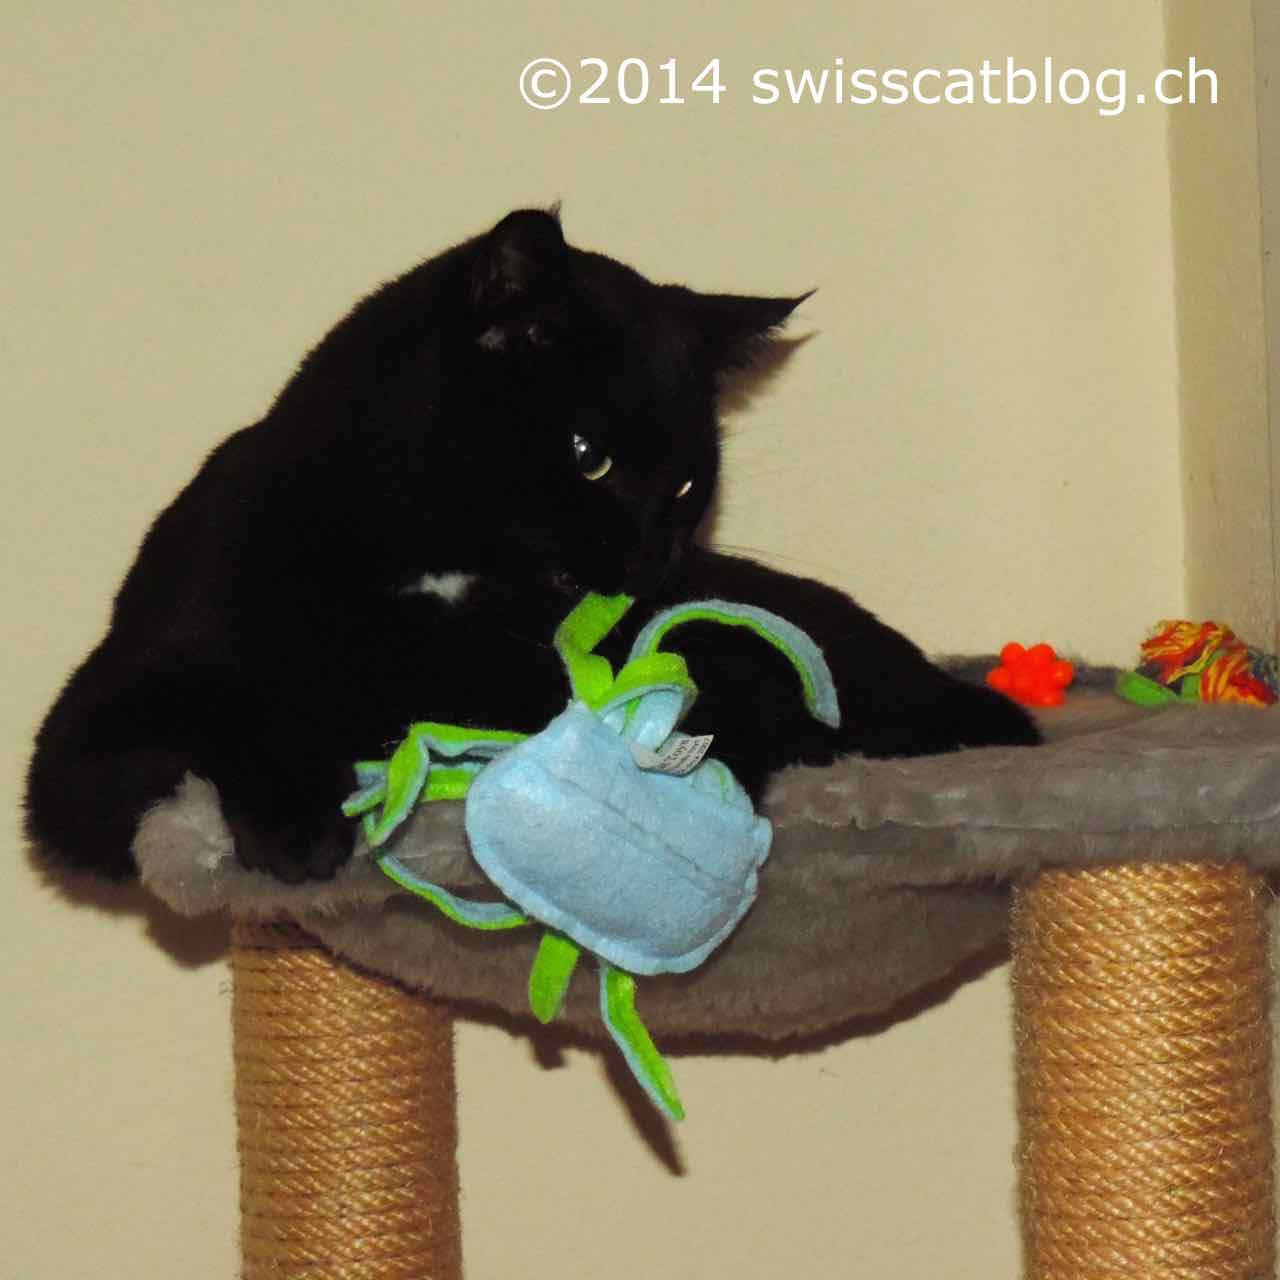 Zorro and jellyfish on the cat tree